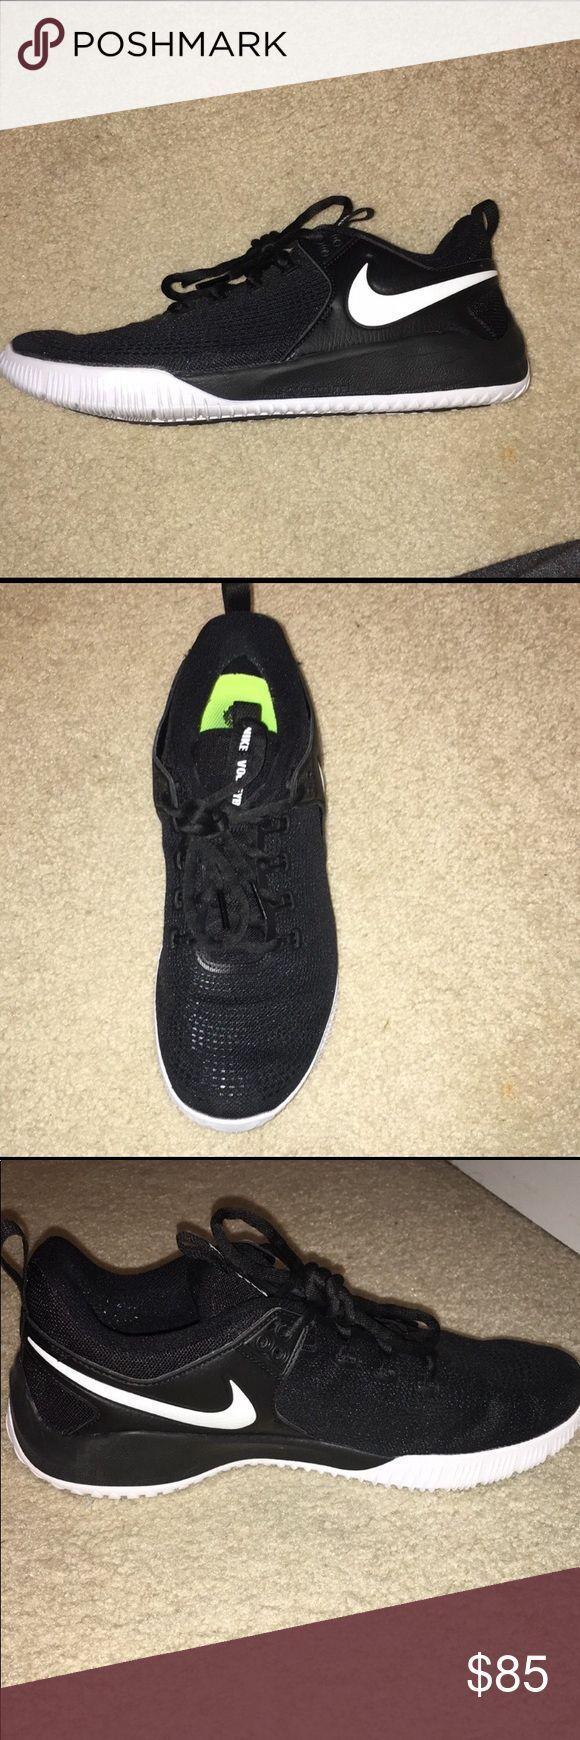 Nike Volleyballschuhe Dies Sind Die Neuesten Nike Volleyballschuhe Der Nike Volleyball Shoes Nike Volleyball Volleyball Shoes